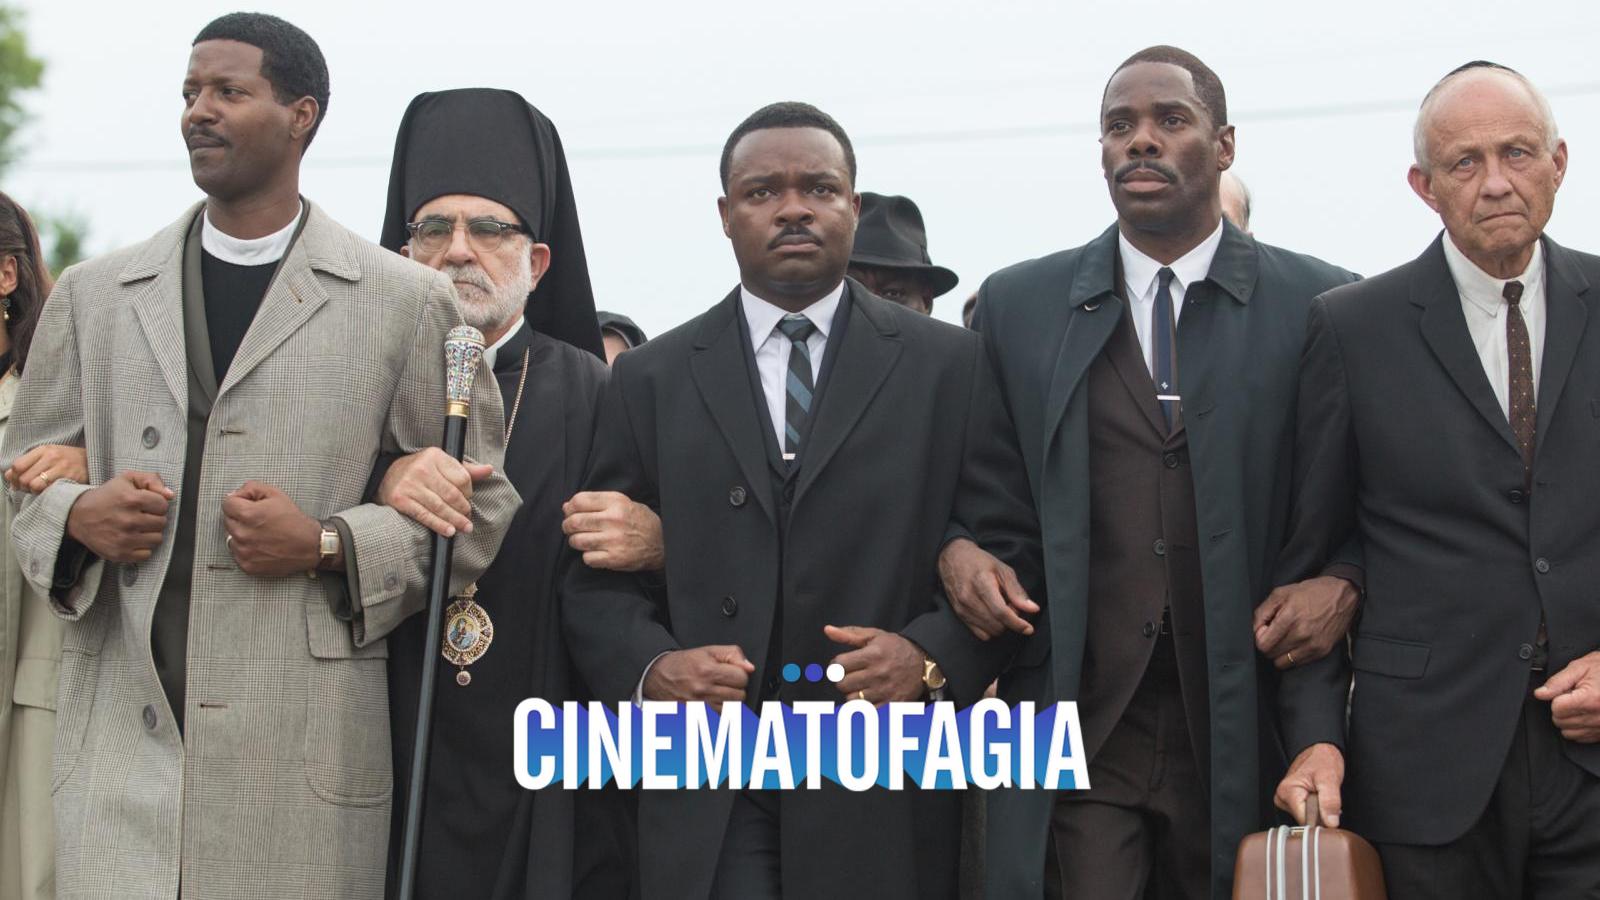 """Indicado a apenas dois Oscars, """"Selma"""" marcou o início da reforma racial dentro da premiação"""